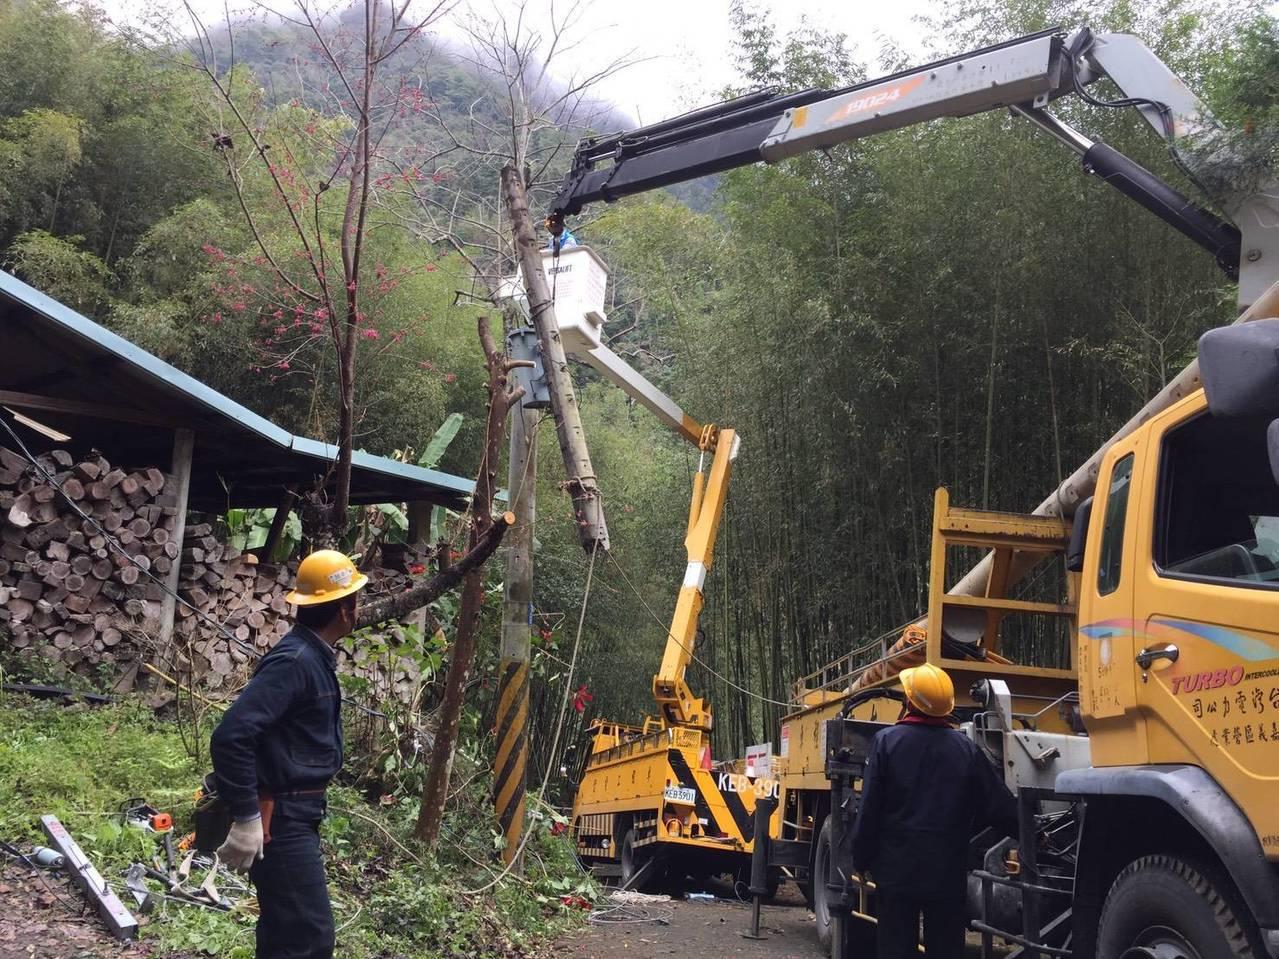 白鹿颱風大雨造成阿里山鄉達邦、里佳等山區,多處電桿斷損,台電嘉義區營業處派員搶修...